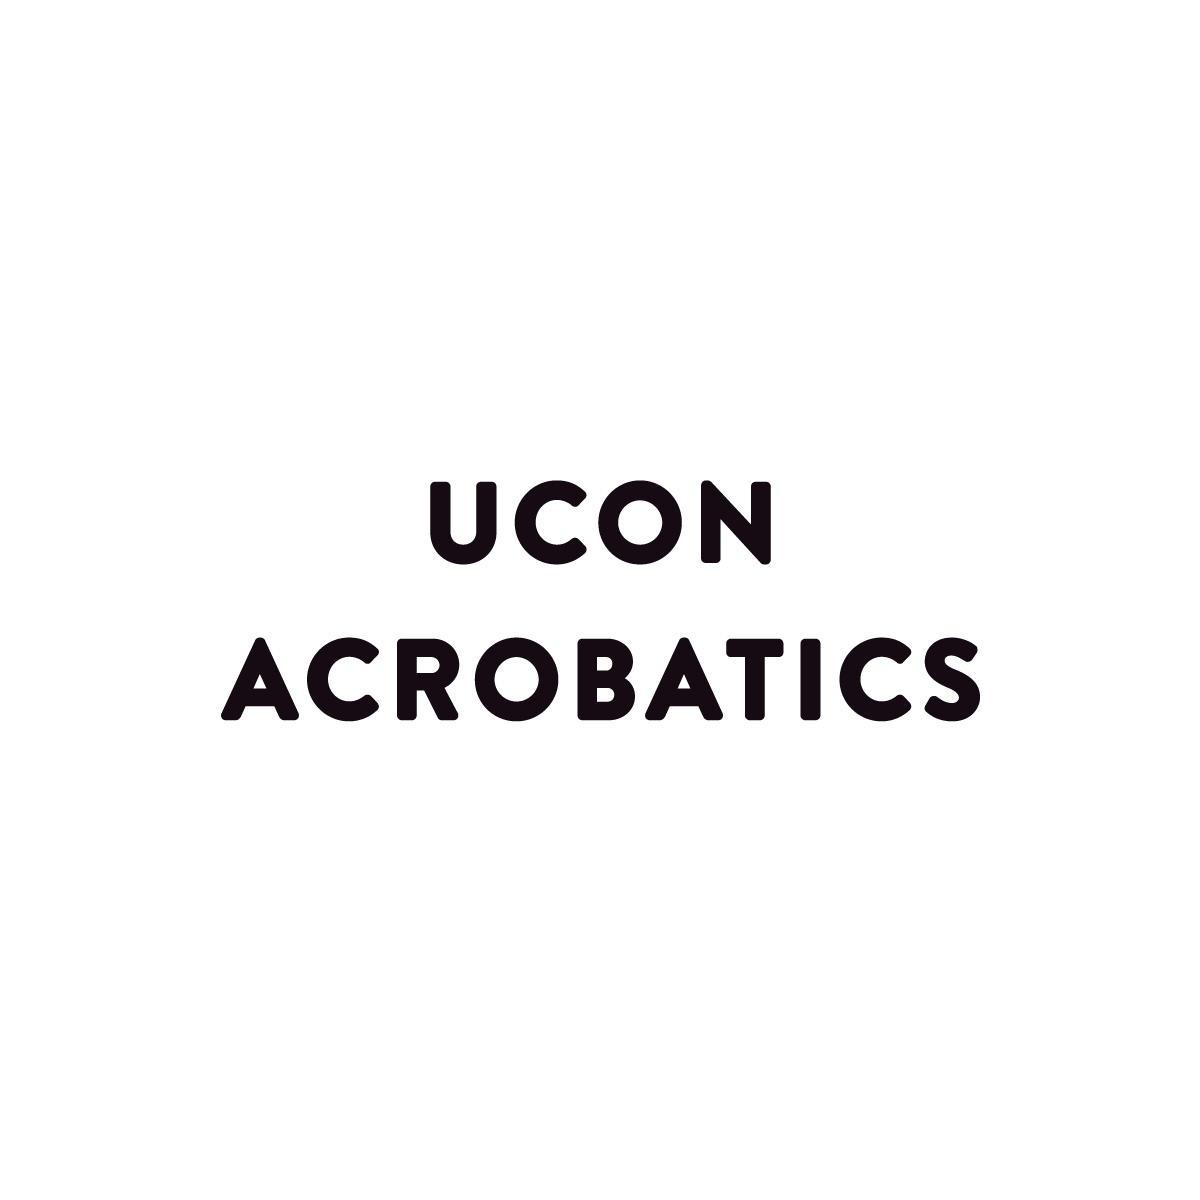 Ucon Acrobatics Taschen Galerie